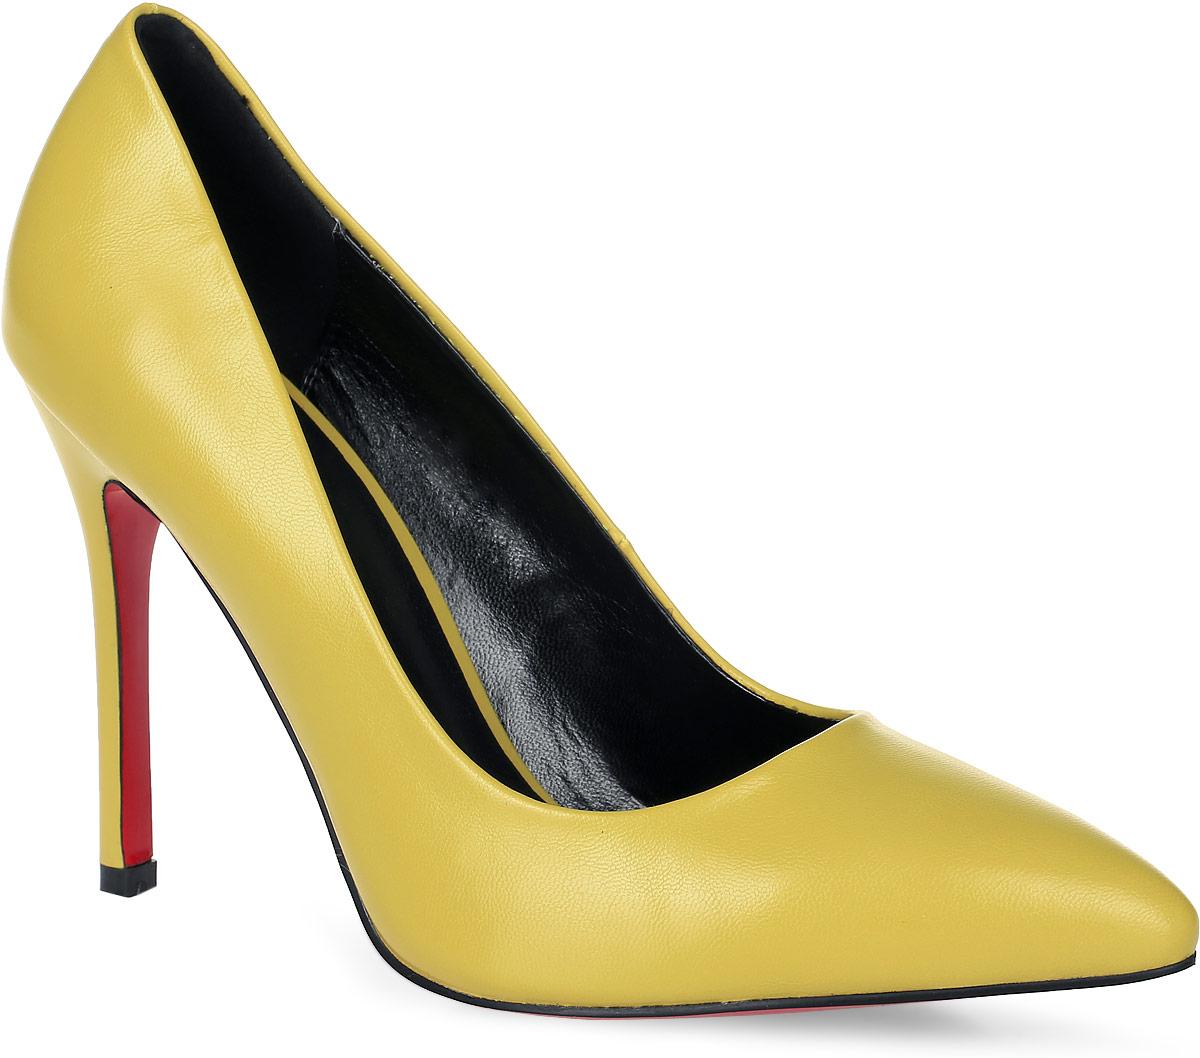 Туфли женские LK Collection, цвет: желтый. SP-EA0101-7. Размер 39SP-EA0101-7Элегантные туфли выполнены из искусственной кожи. Стелька выполнена из натуральной кожи, которая обеспечит комфорт при движении и предотвратит натирание. Модель оснащена высоким каблуком - шпилькой. Подошва выполнена из термопластичного материала.